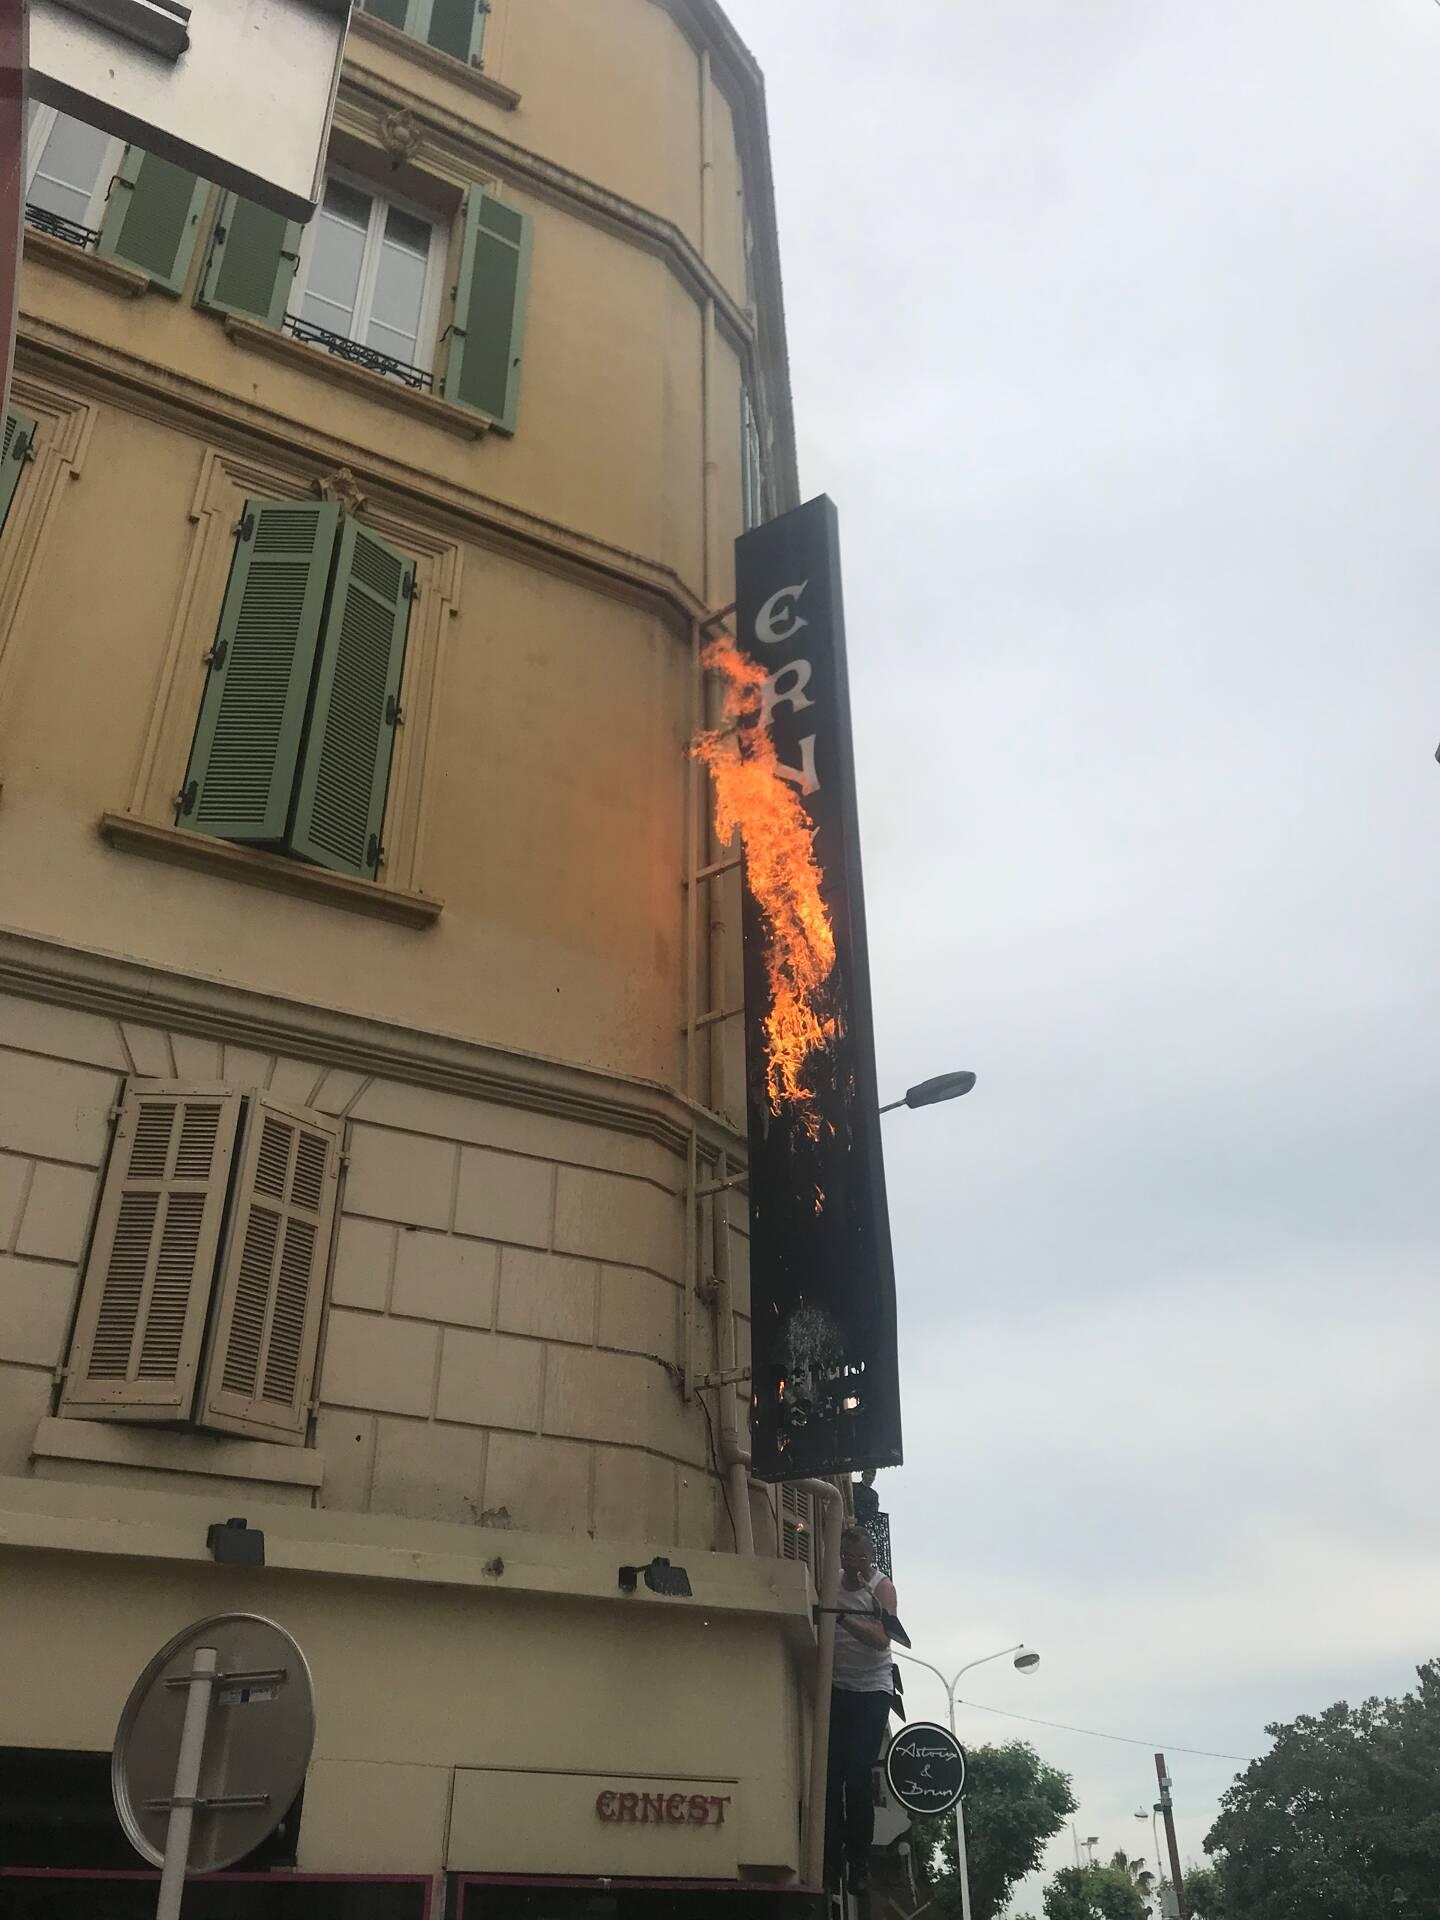 L'incendie a été circonscrit, il pourrait être dû à un court-circuit.